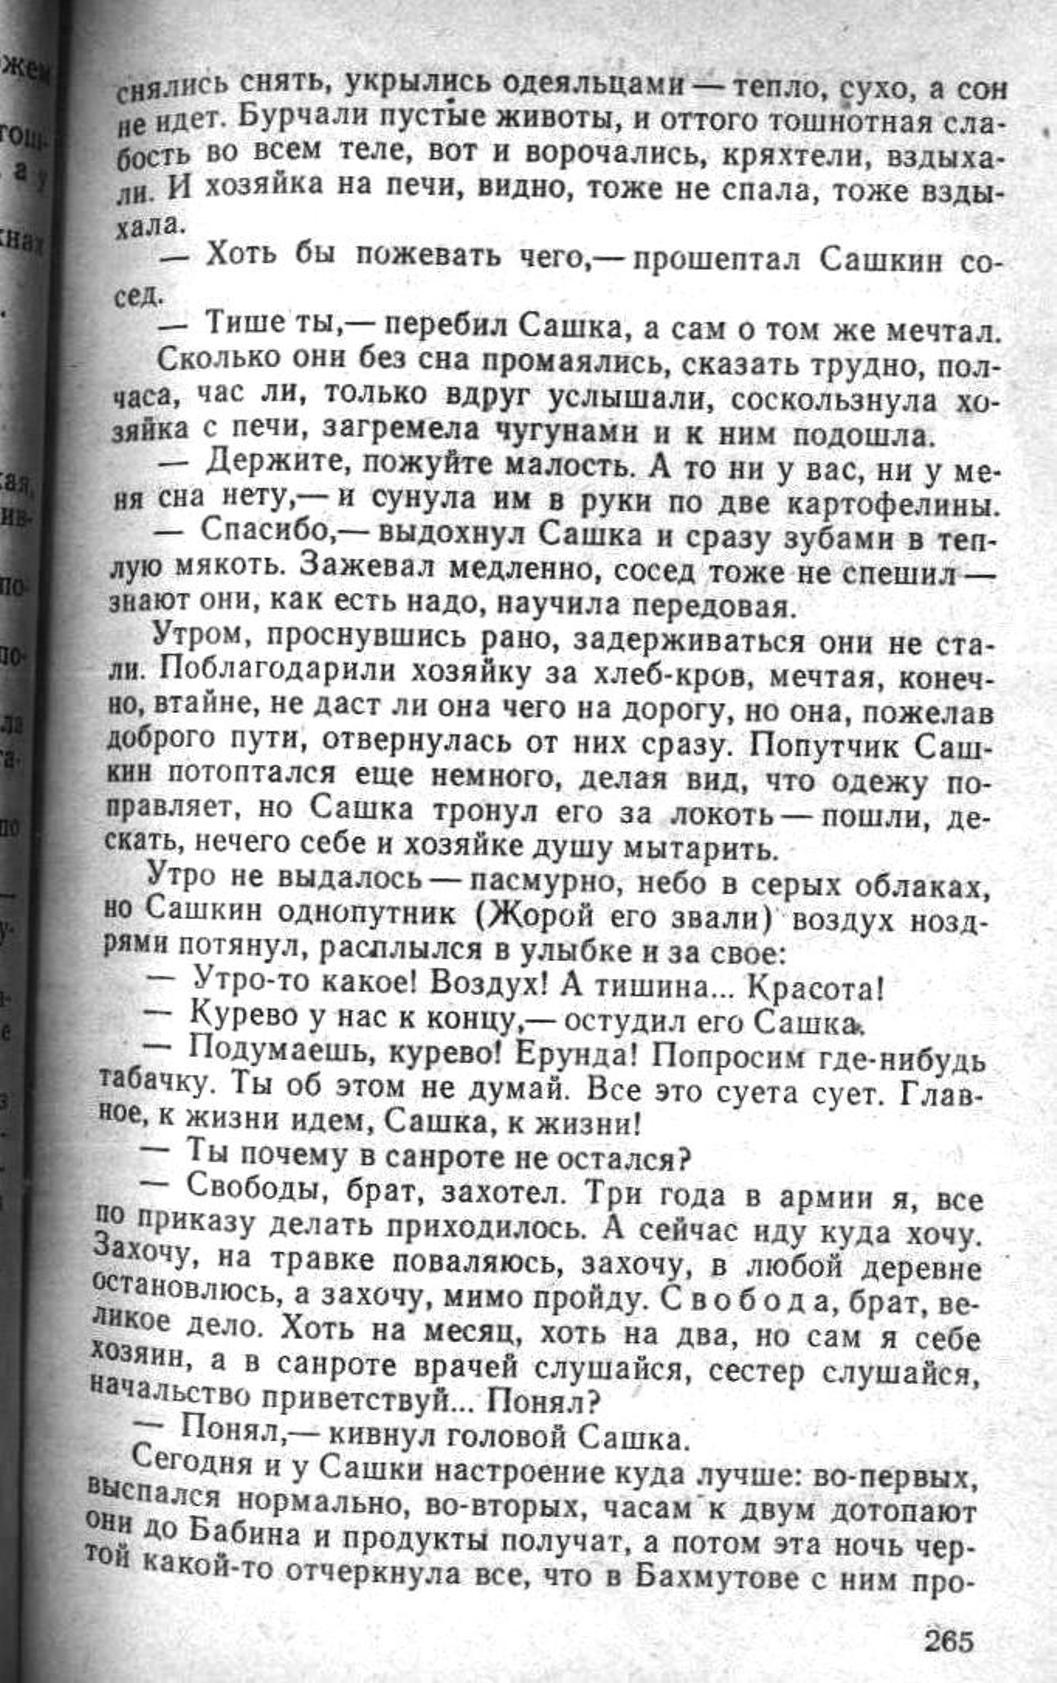 Сашка. Повесть. Вячеслав Кондратьев. 013. 004